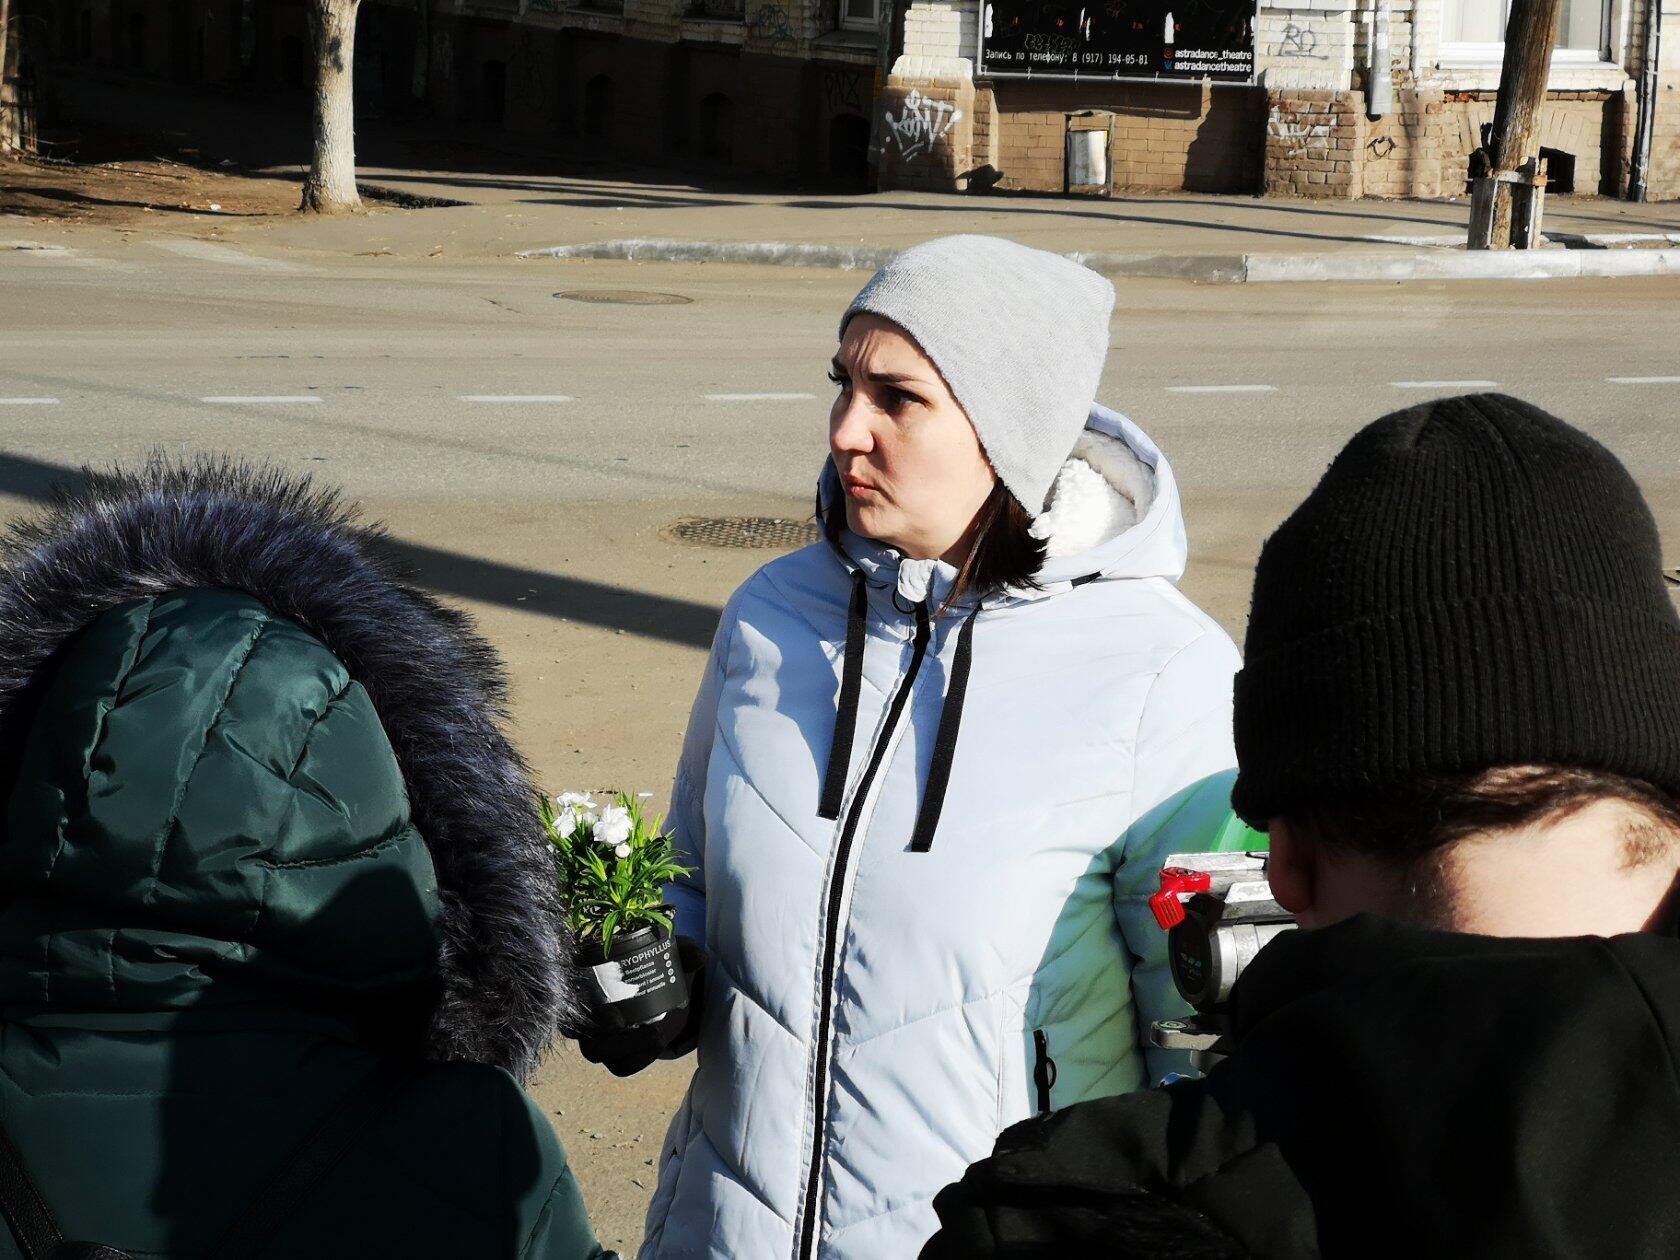 """Даю интервью для канала ОТР как представитель общественной организации """"Экологический патруль""""."""